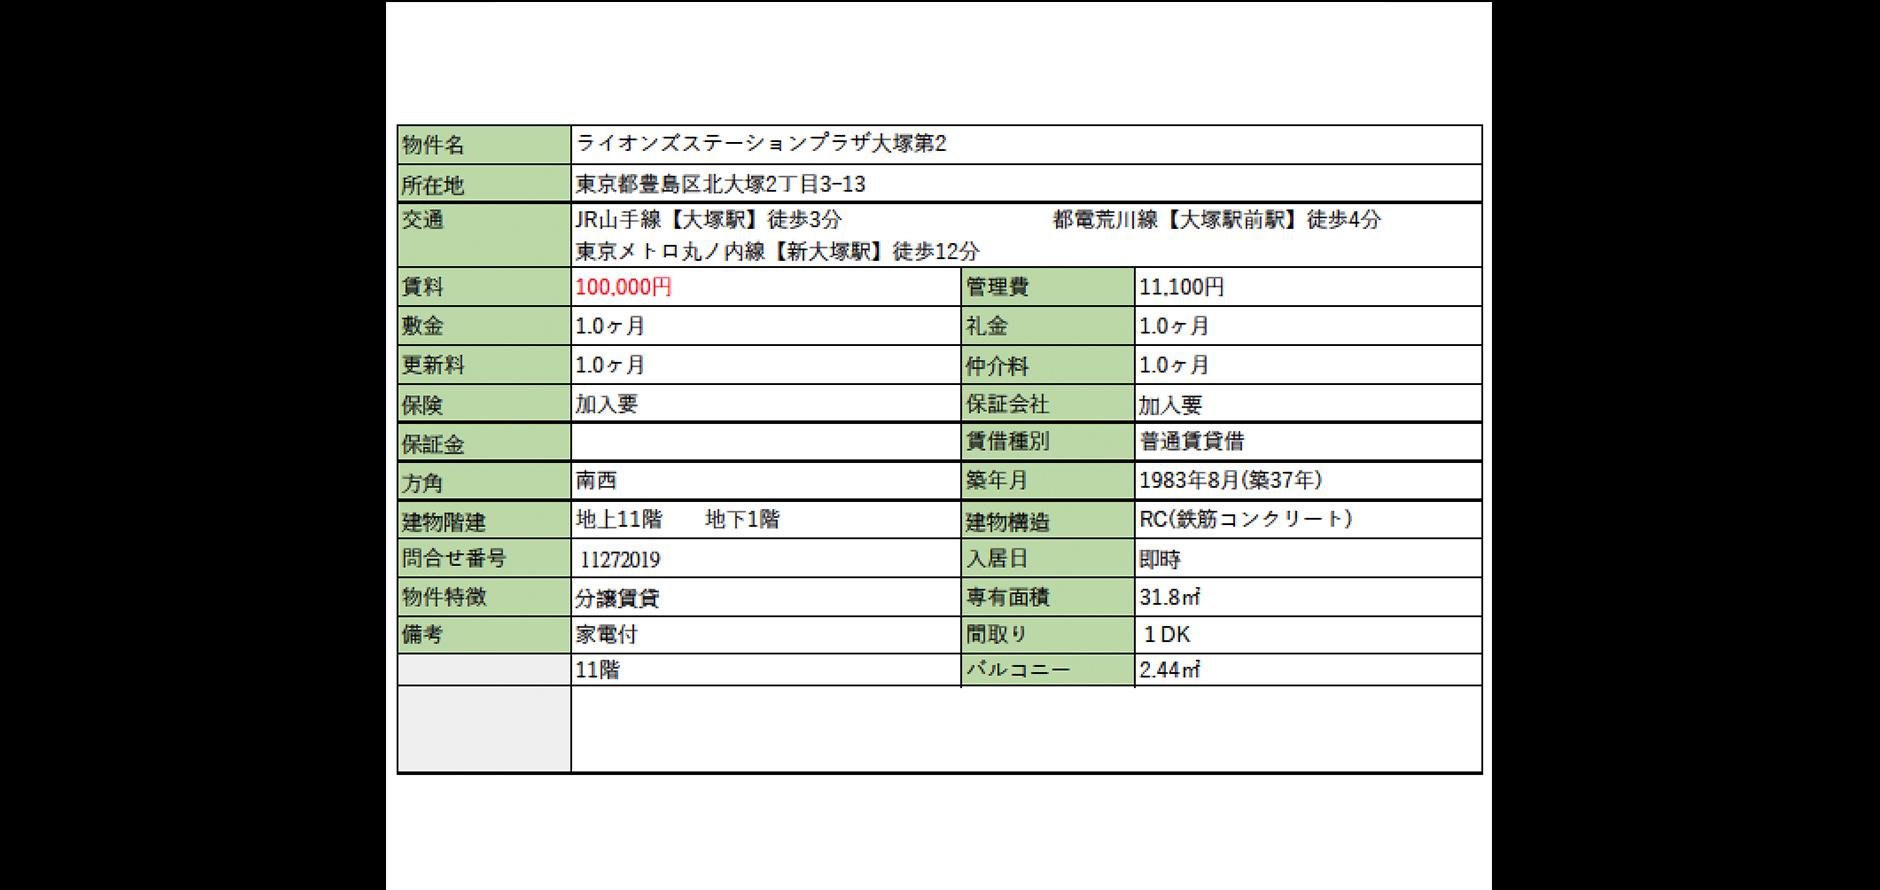 ライオンズステーションプラザ大塚第2 Info.jpg